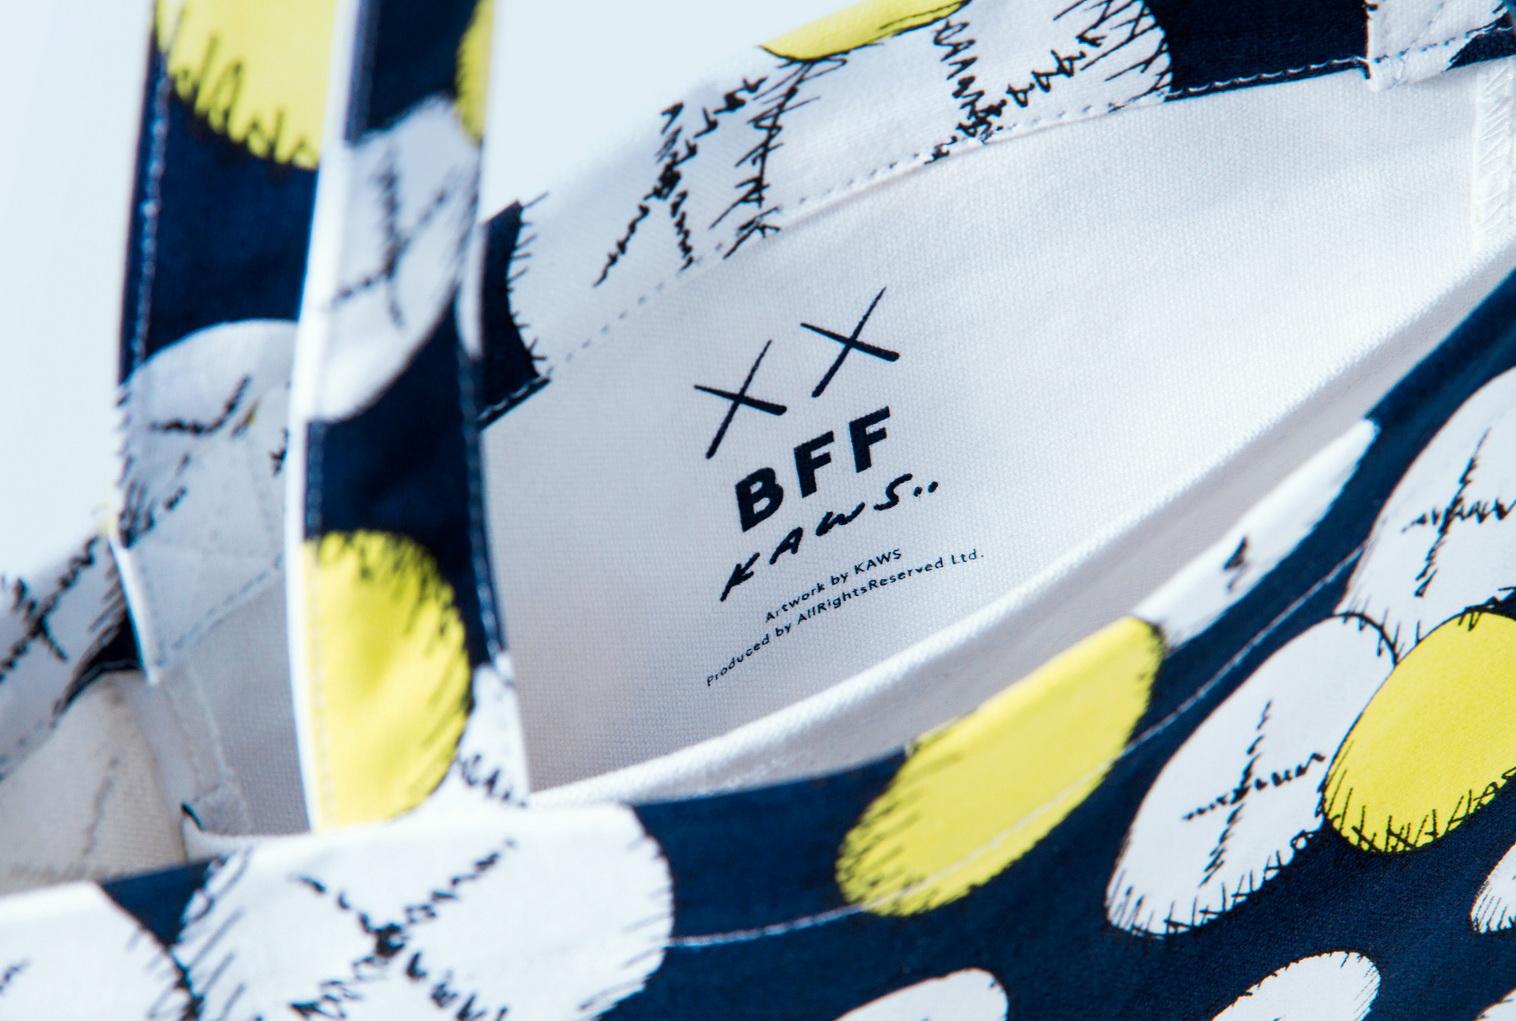 23.  สินค้าลิมิเต็ดเอดิชั่น กระเป๋า(Tote Bag) KAWS BFF ขนาดกว้าง 34 ซม.x สูง 38 ซม._resize